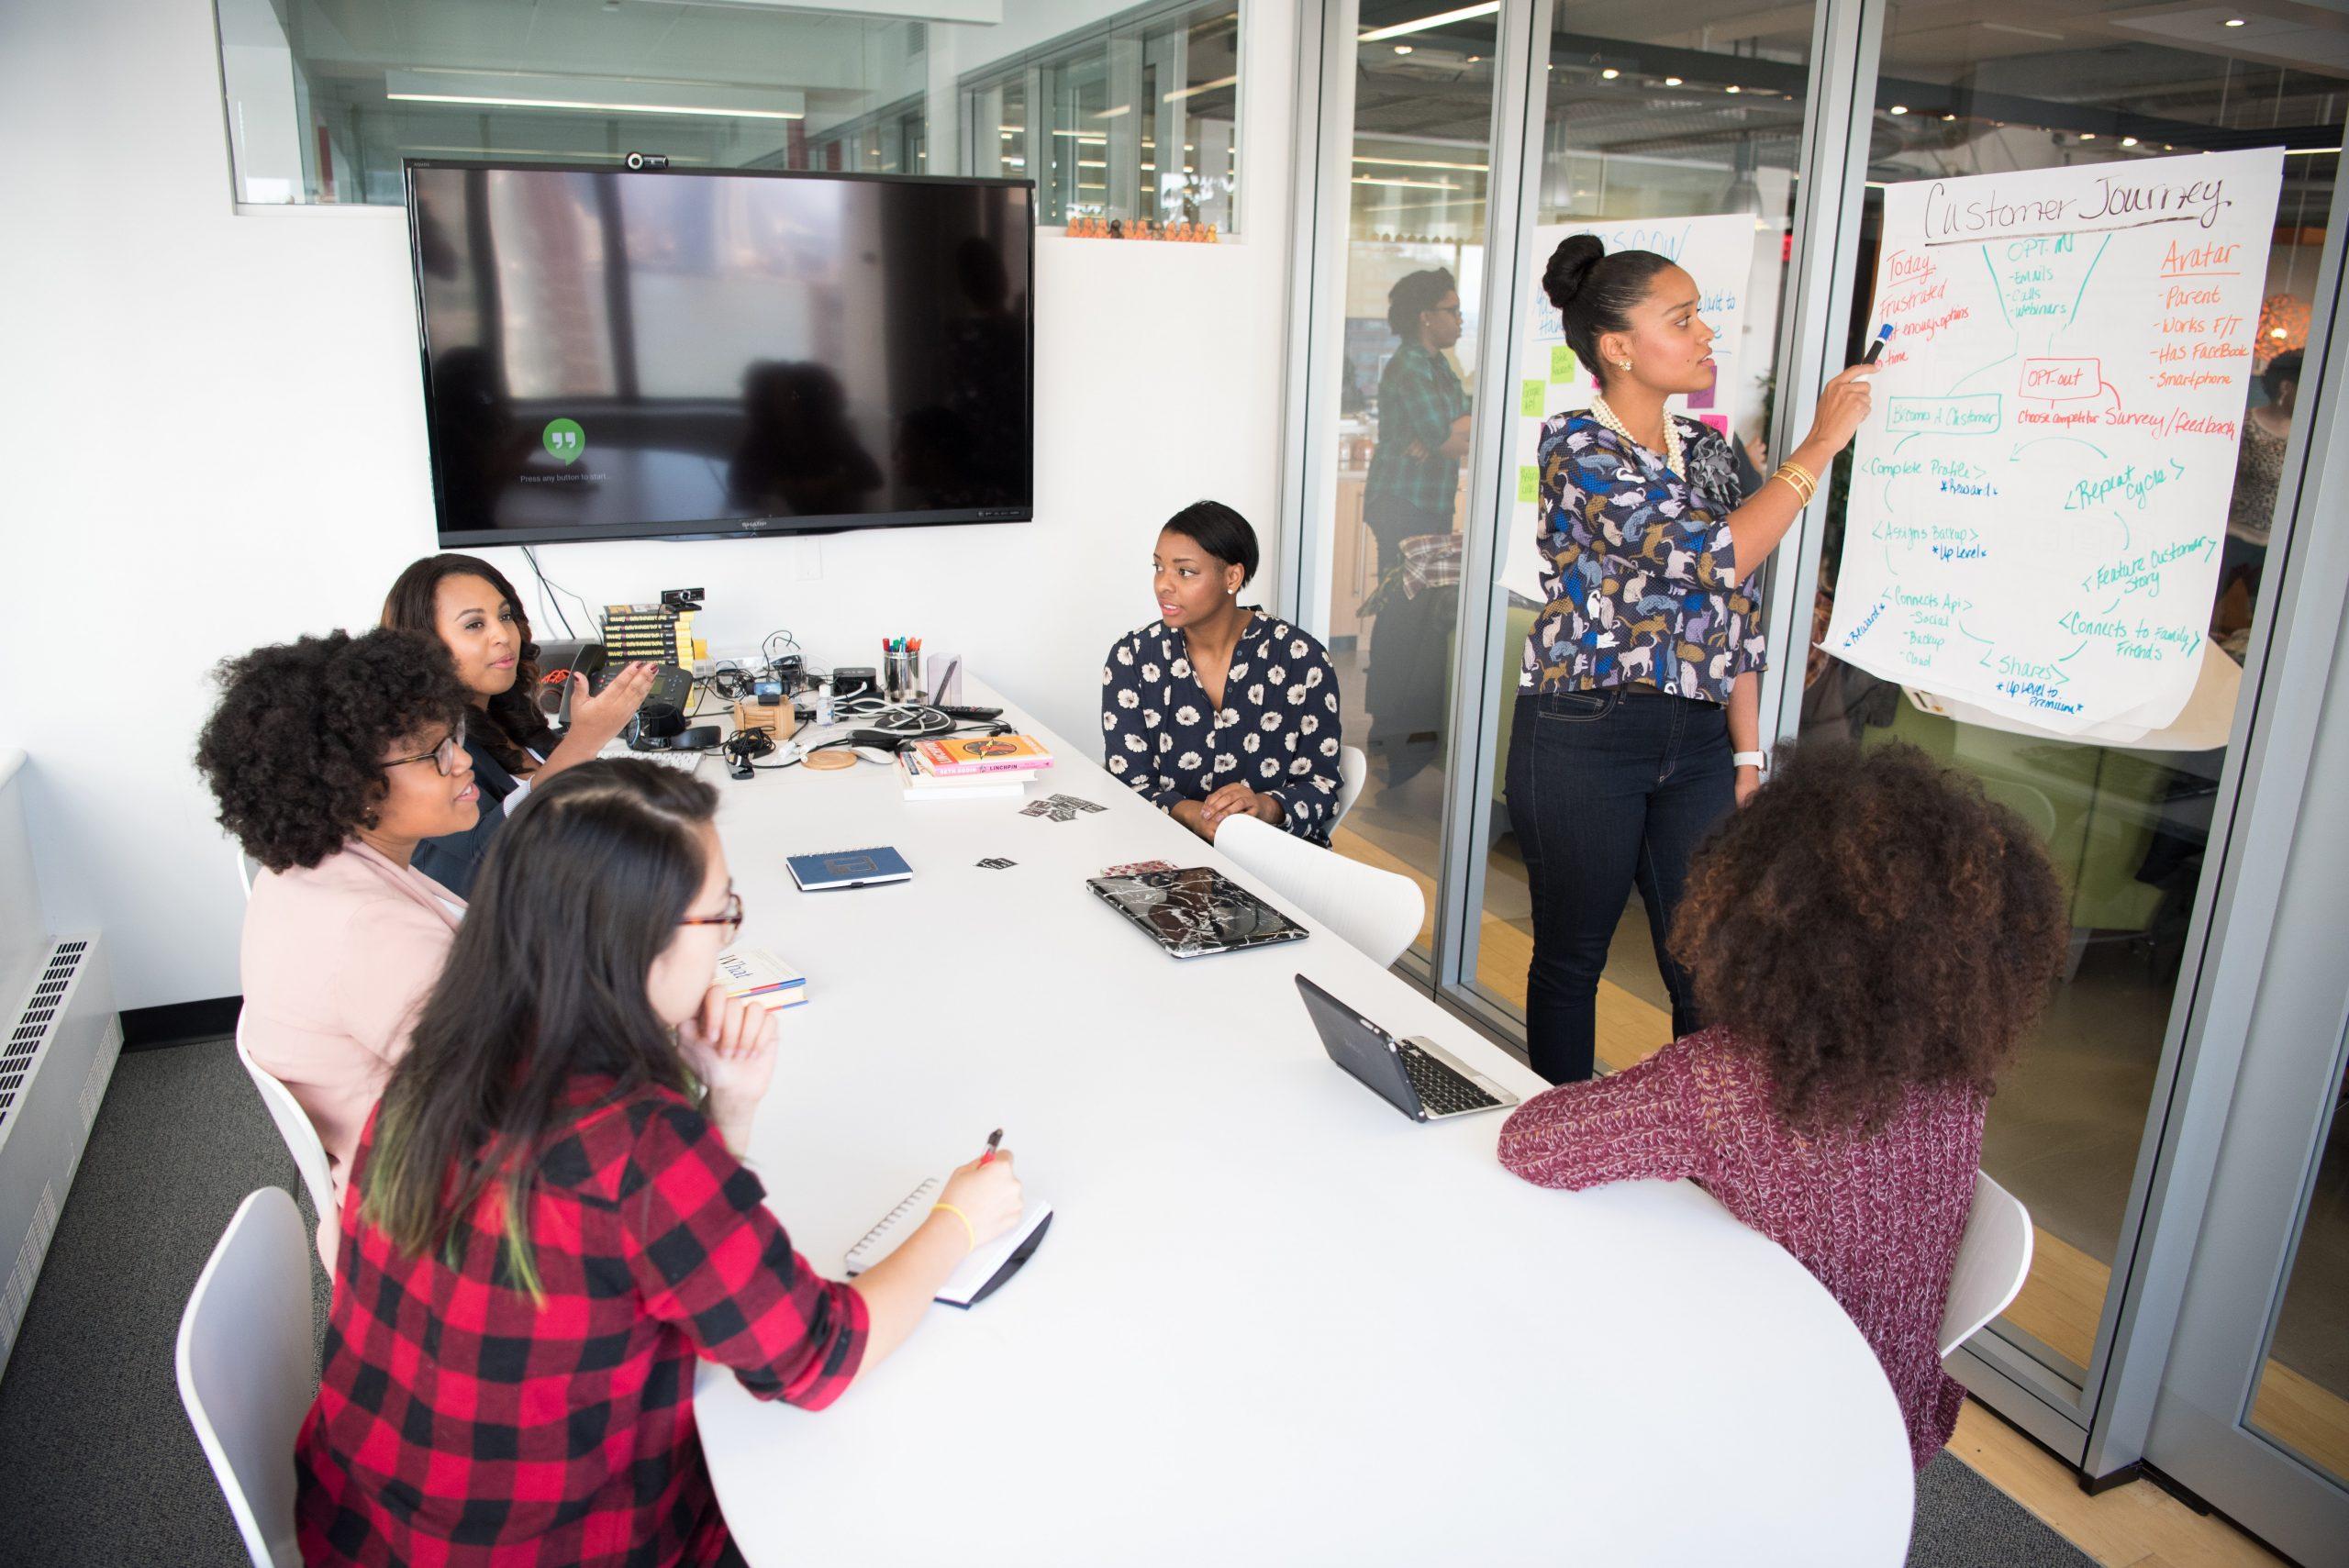 En el marco del día Mundial de la Mujer Emprendedora, redefinamos el mundo de los negocios y potenciemos el liderazgo de las mujeres en la economía digital